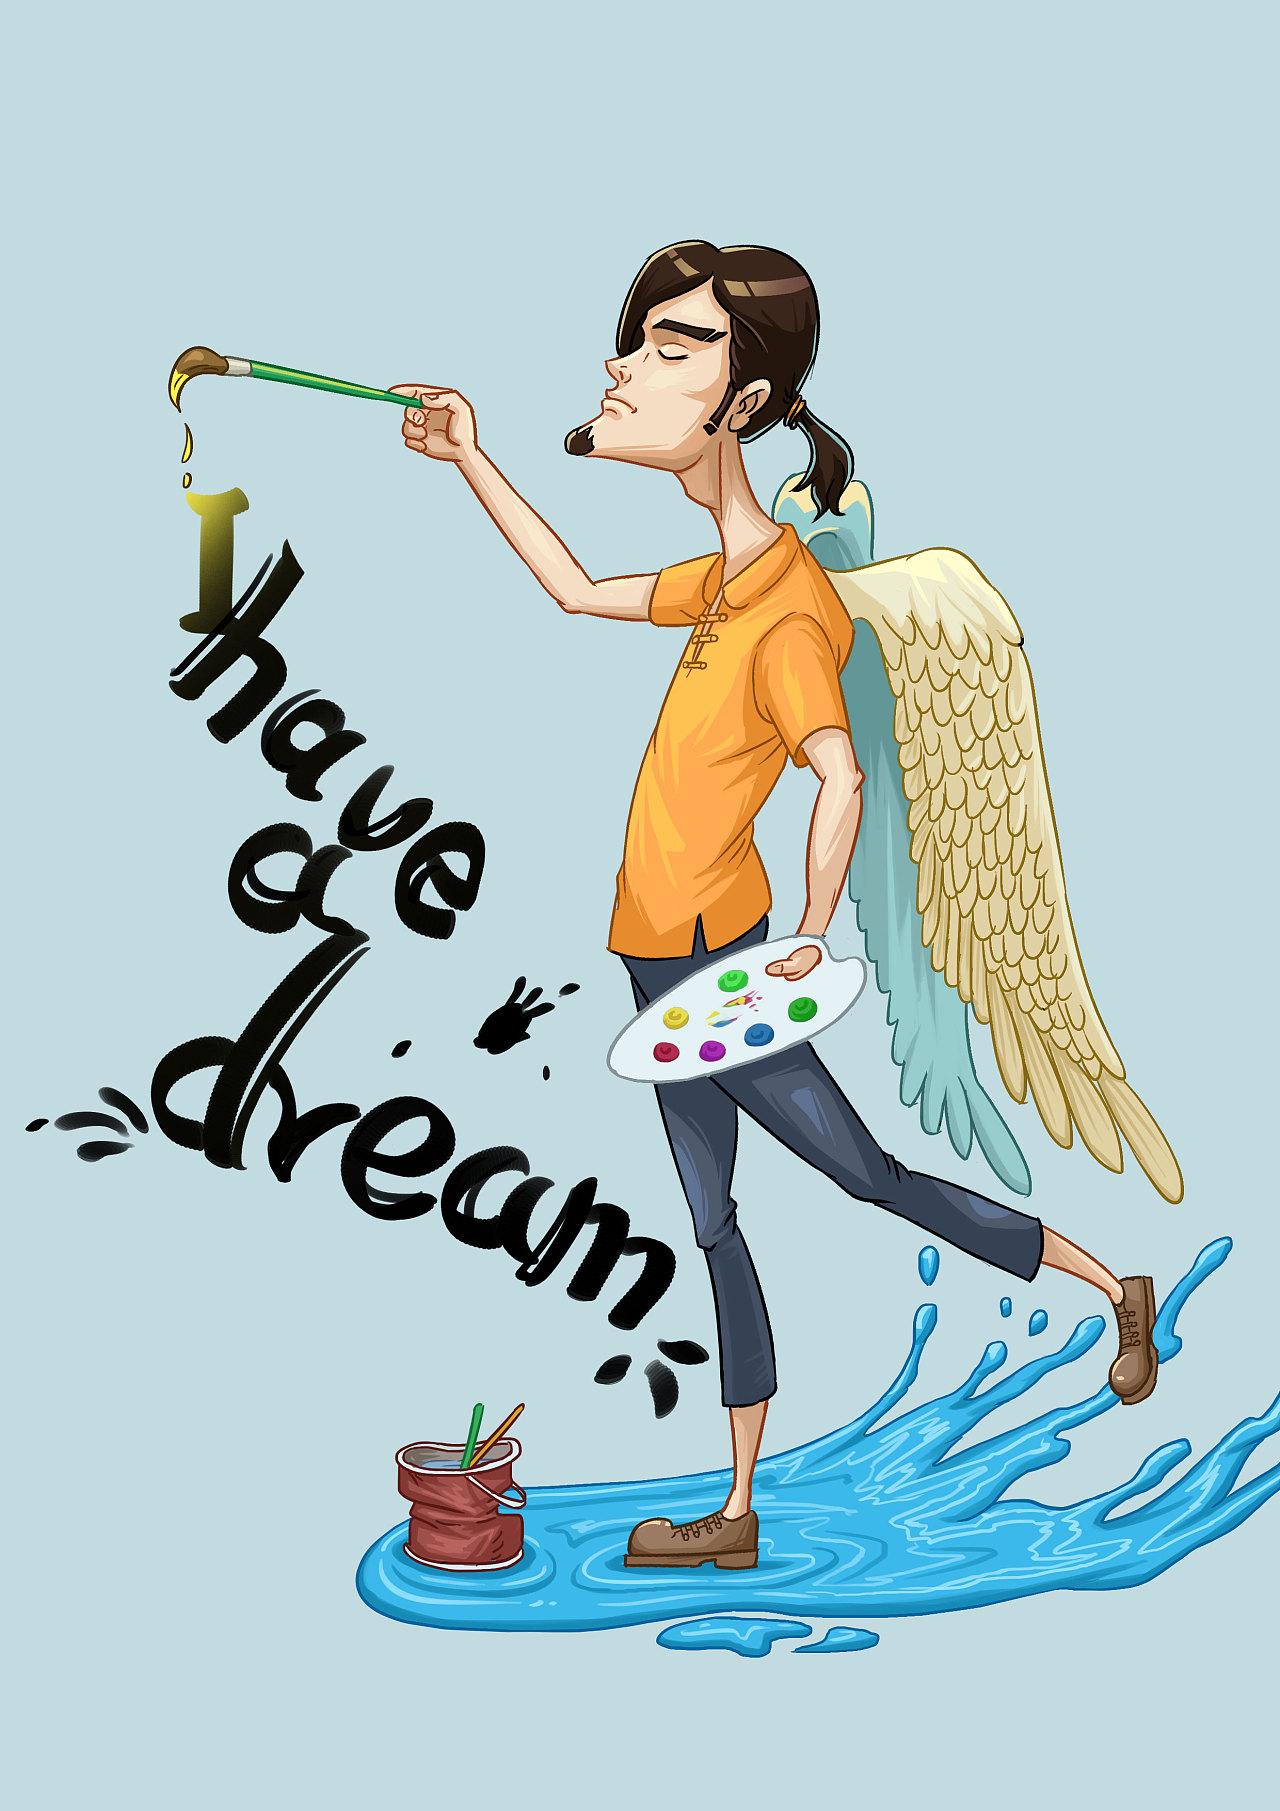 梦想翅膀卡通图